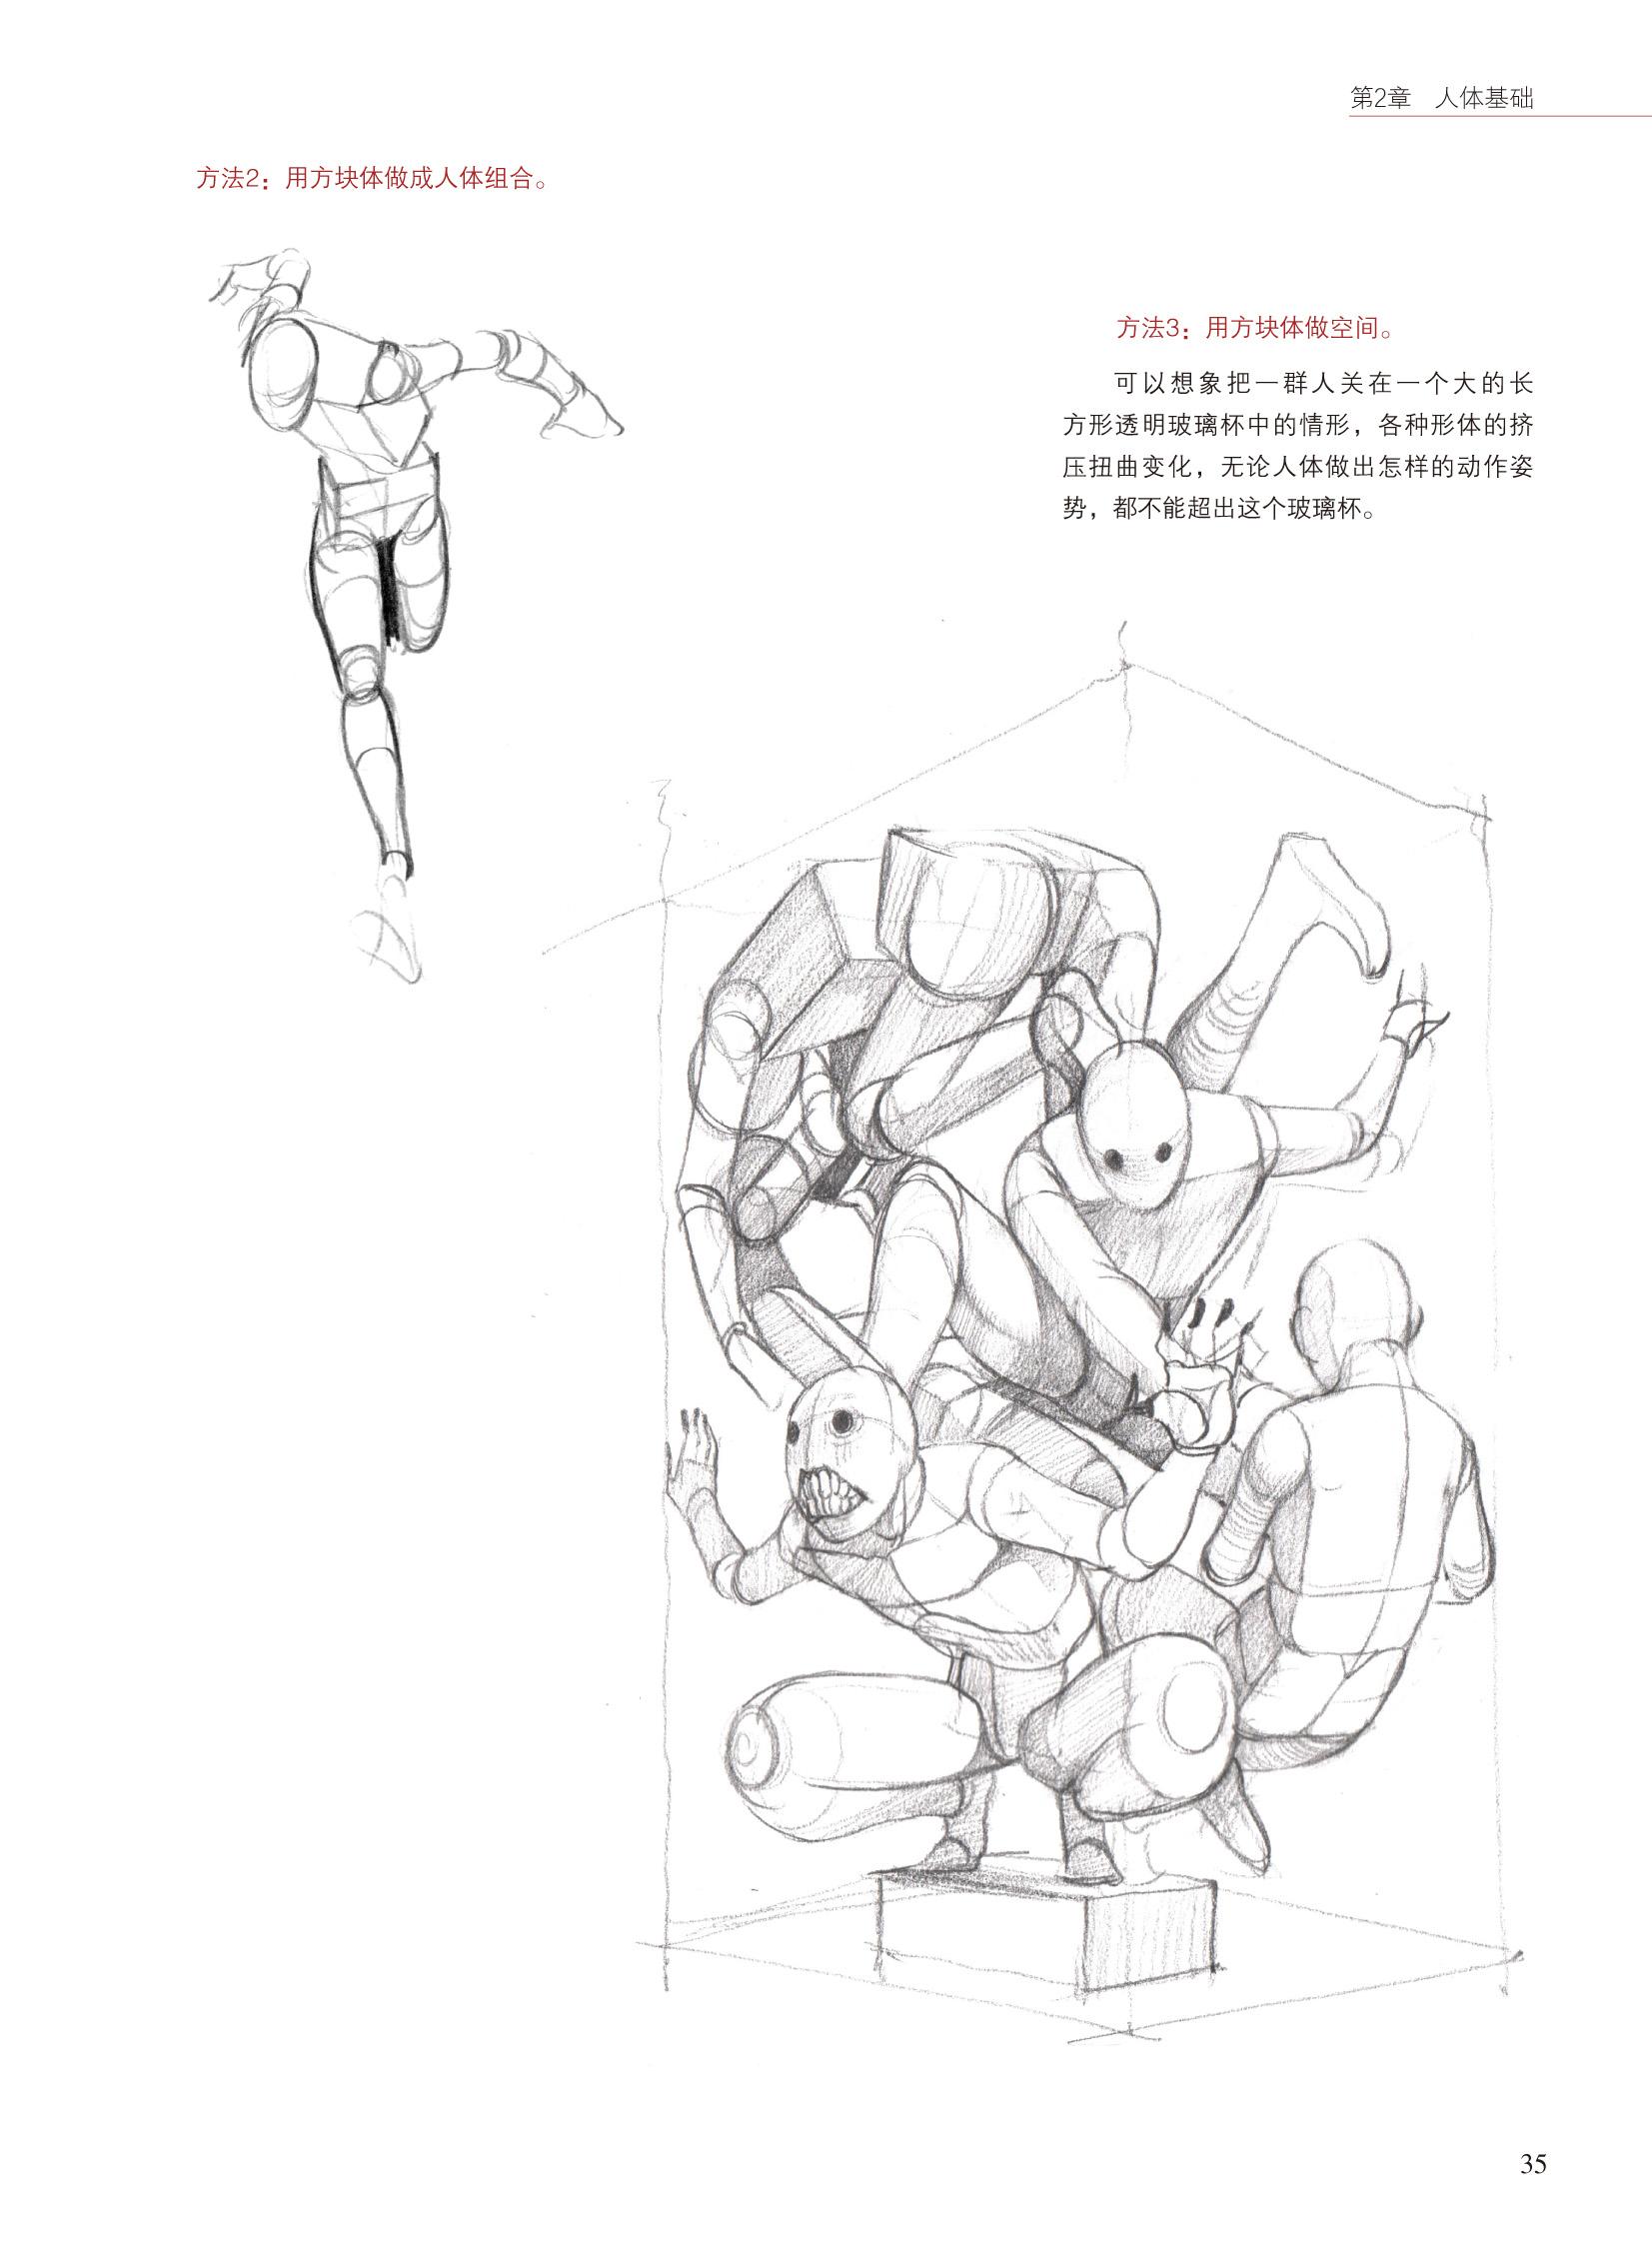 以实际游戏动漫人物概念案例的设计,让读者感受游戏动漫人体结构的